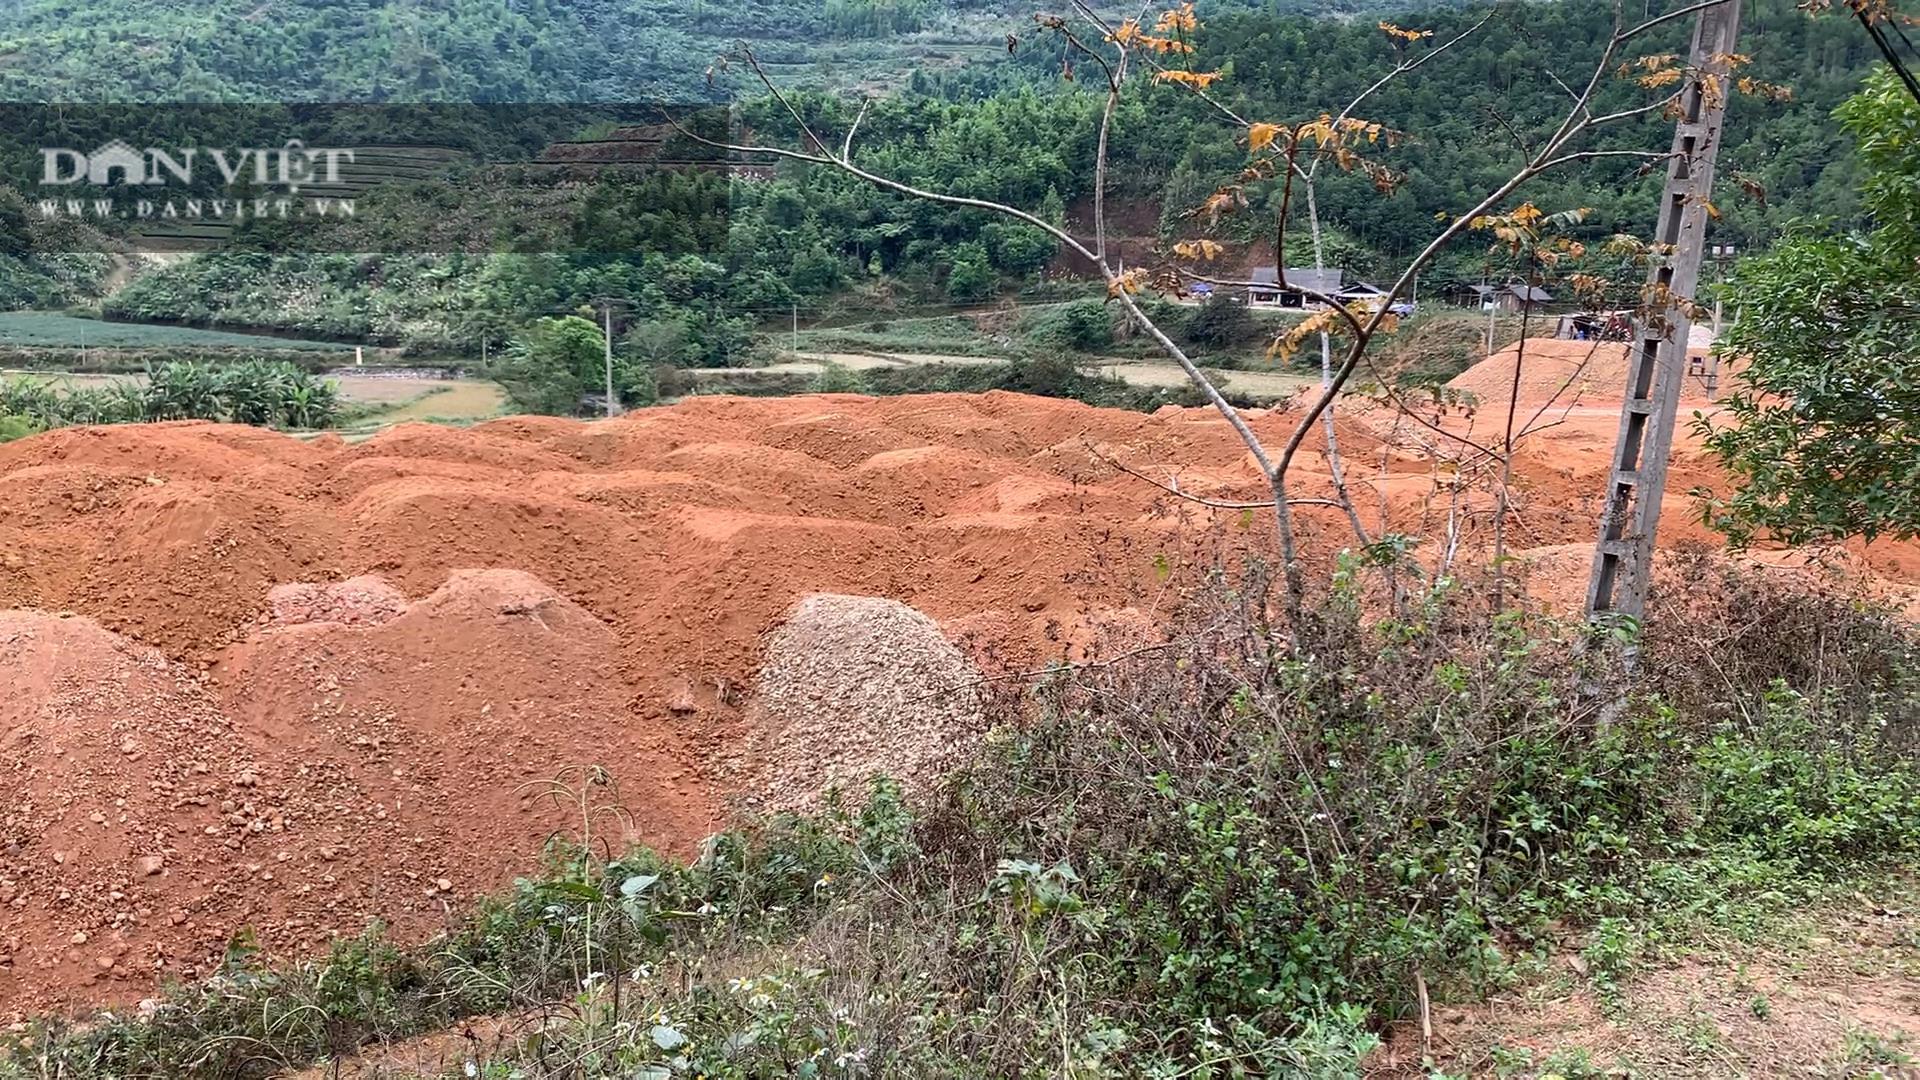 Đổ đất lấp ruộng ở Bắc Kạn: Chính quyền ra quyết định xử phạt - Ảnh 2.